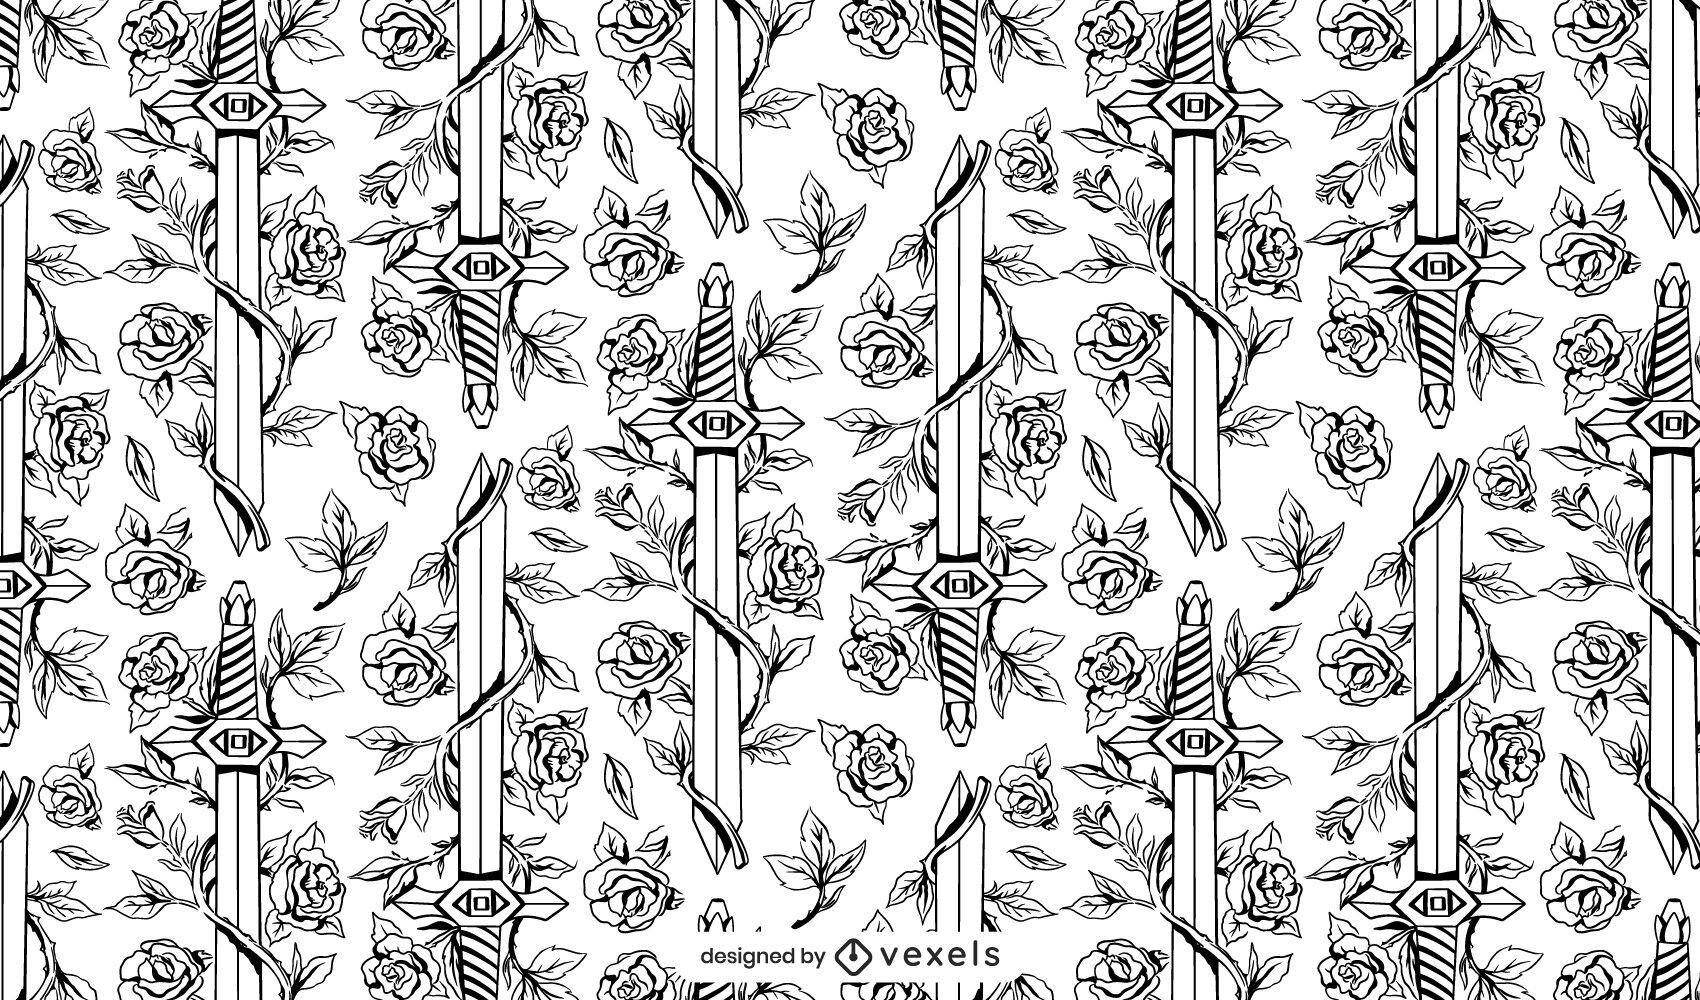 Schwert Waffe Rosen Natur Muster Design